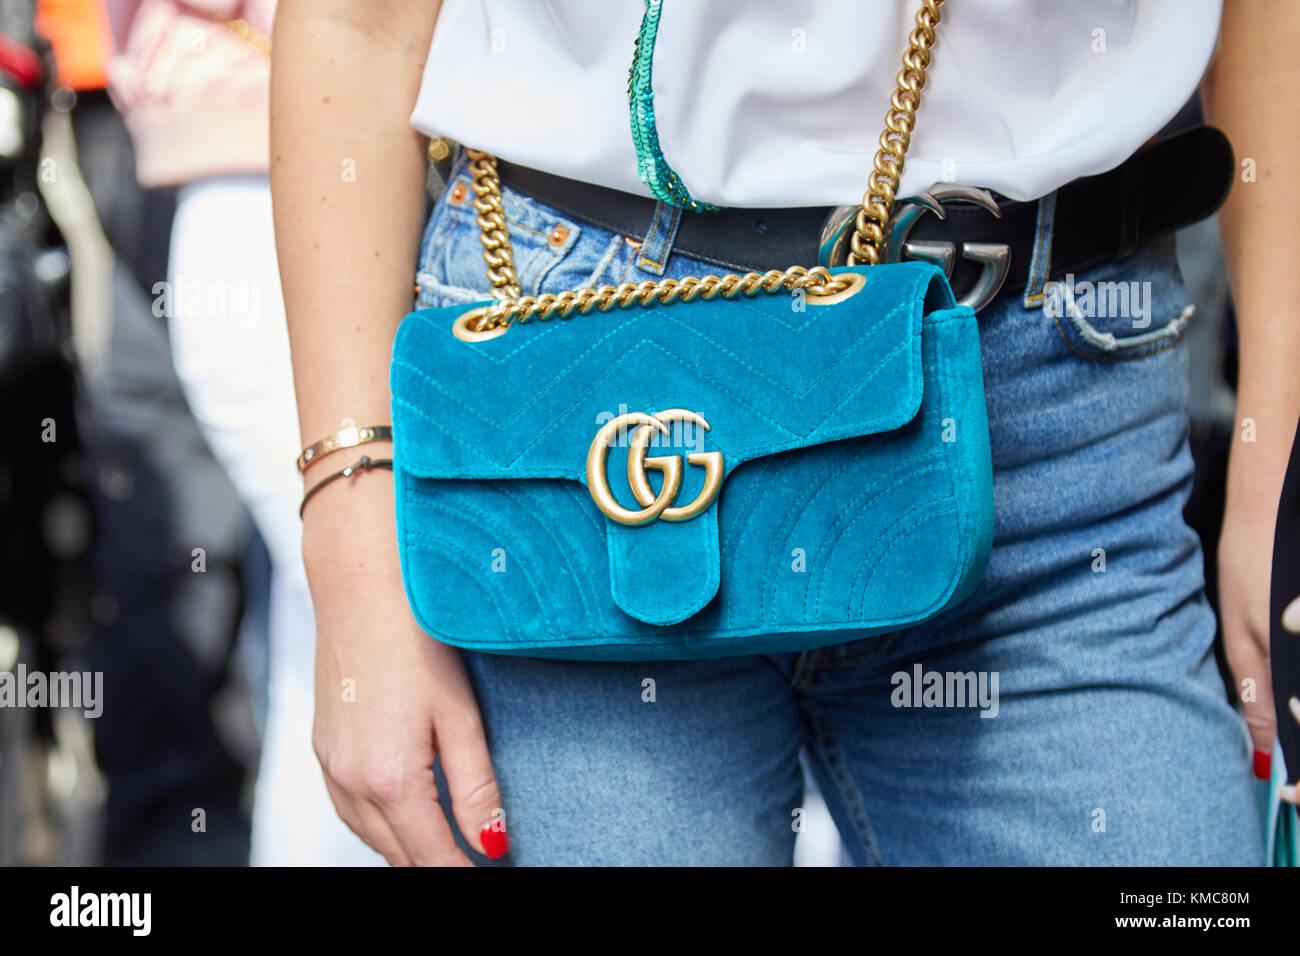 Milano - 23 settembre  donna con luce blu velluto gucci borsa con catena  dorata e la cinghia prima di Ermanno scervino fashion show bf8f6a97d8c9